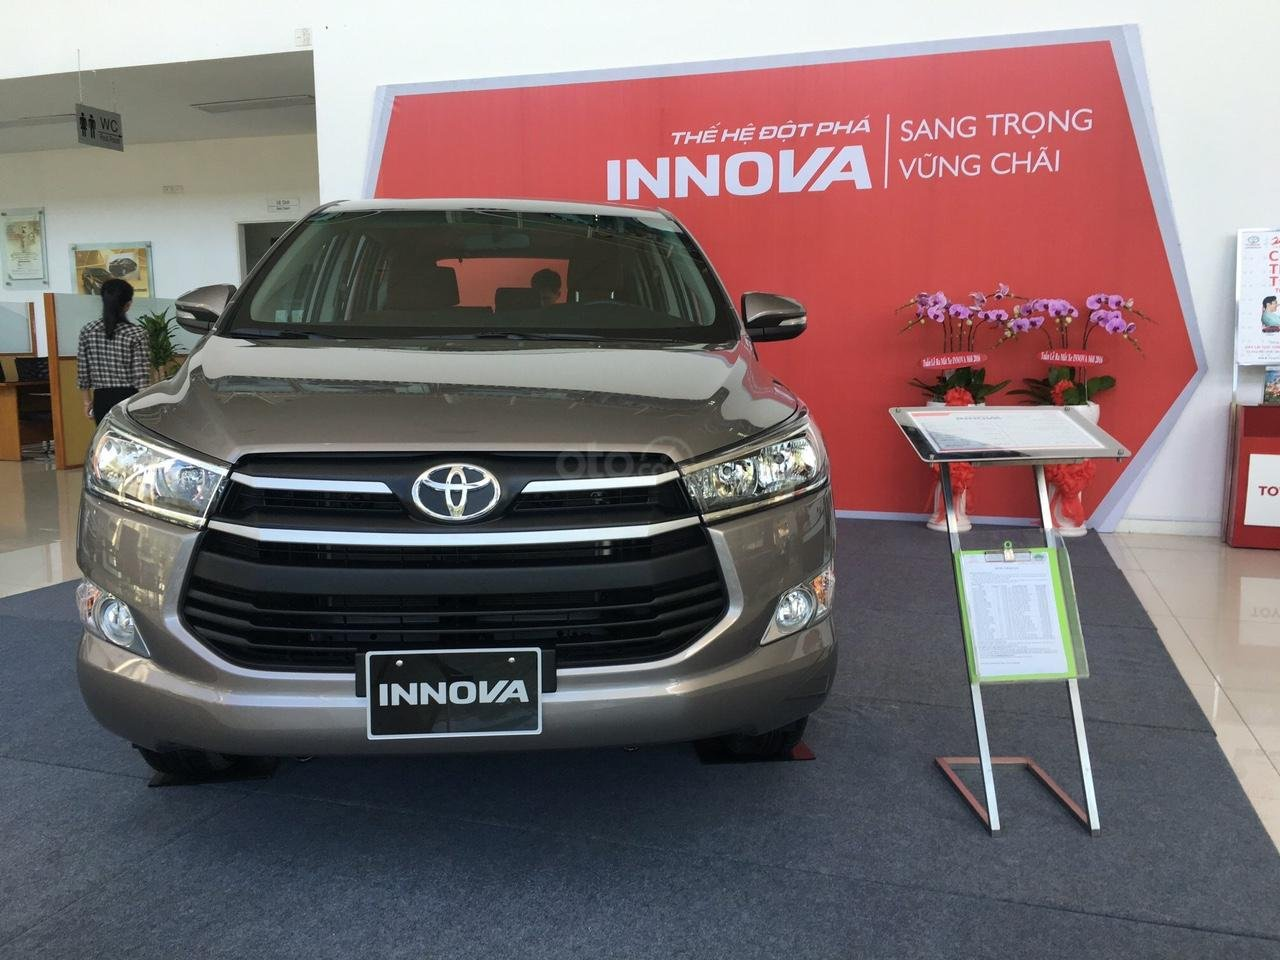 Mua xe Innova giá sốc nhất chỉ trong tháng 11 (2)